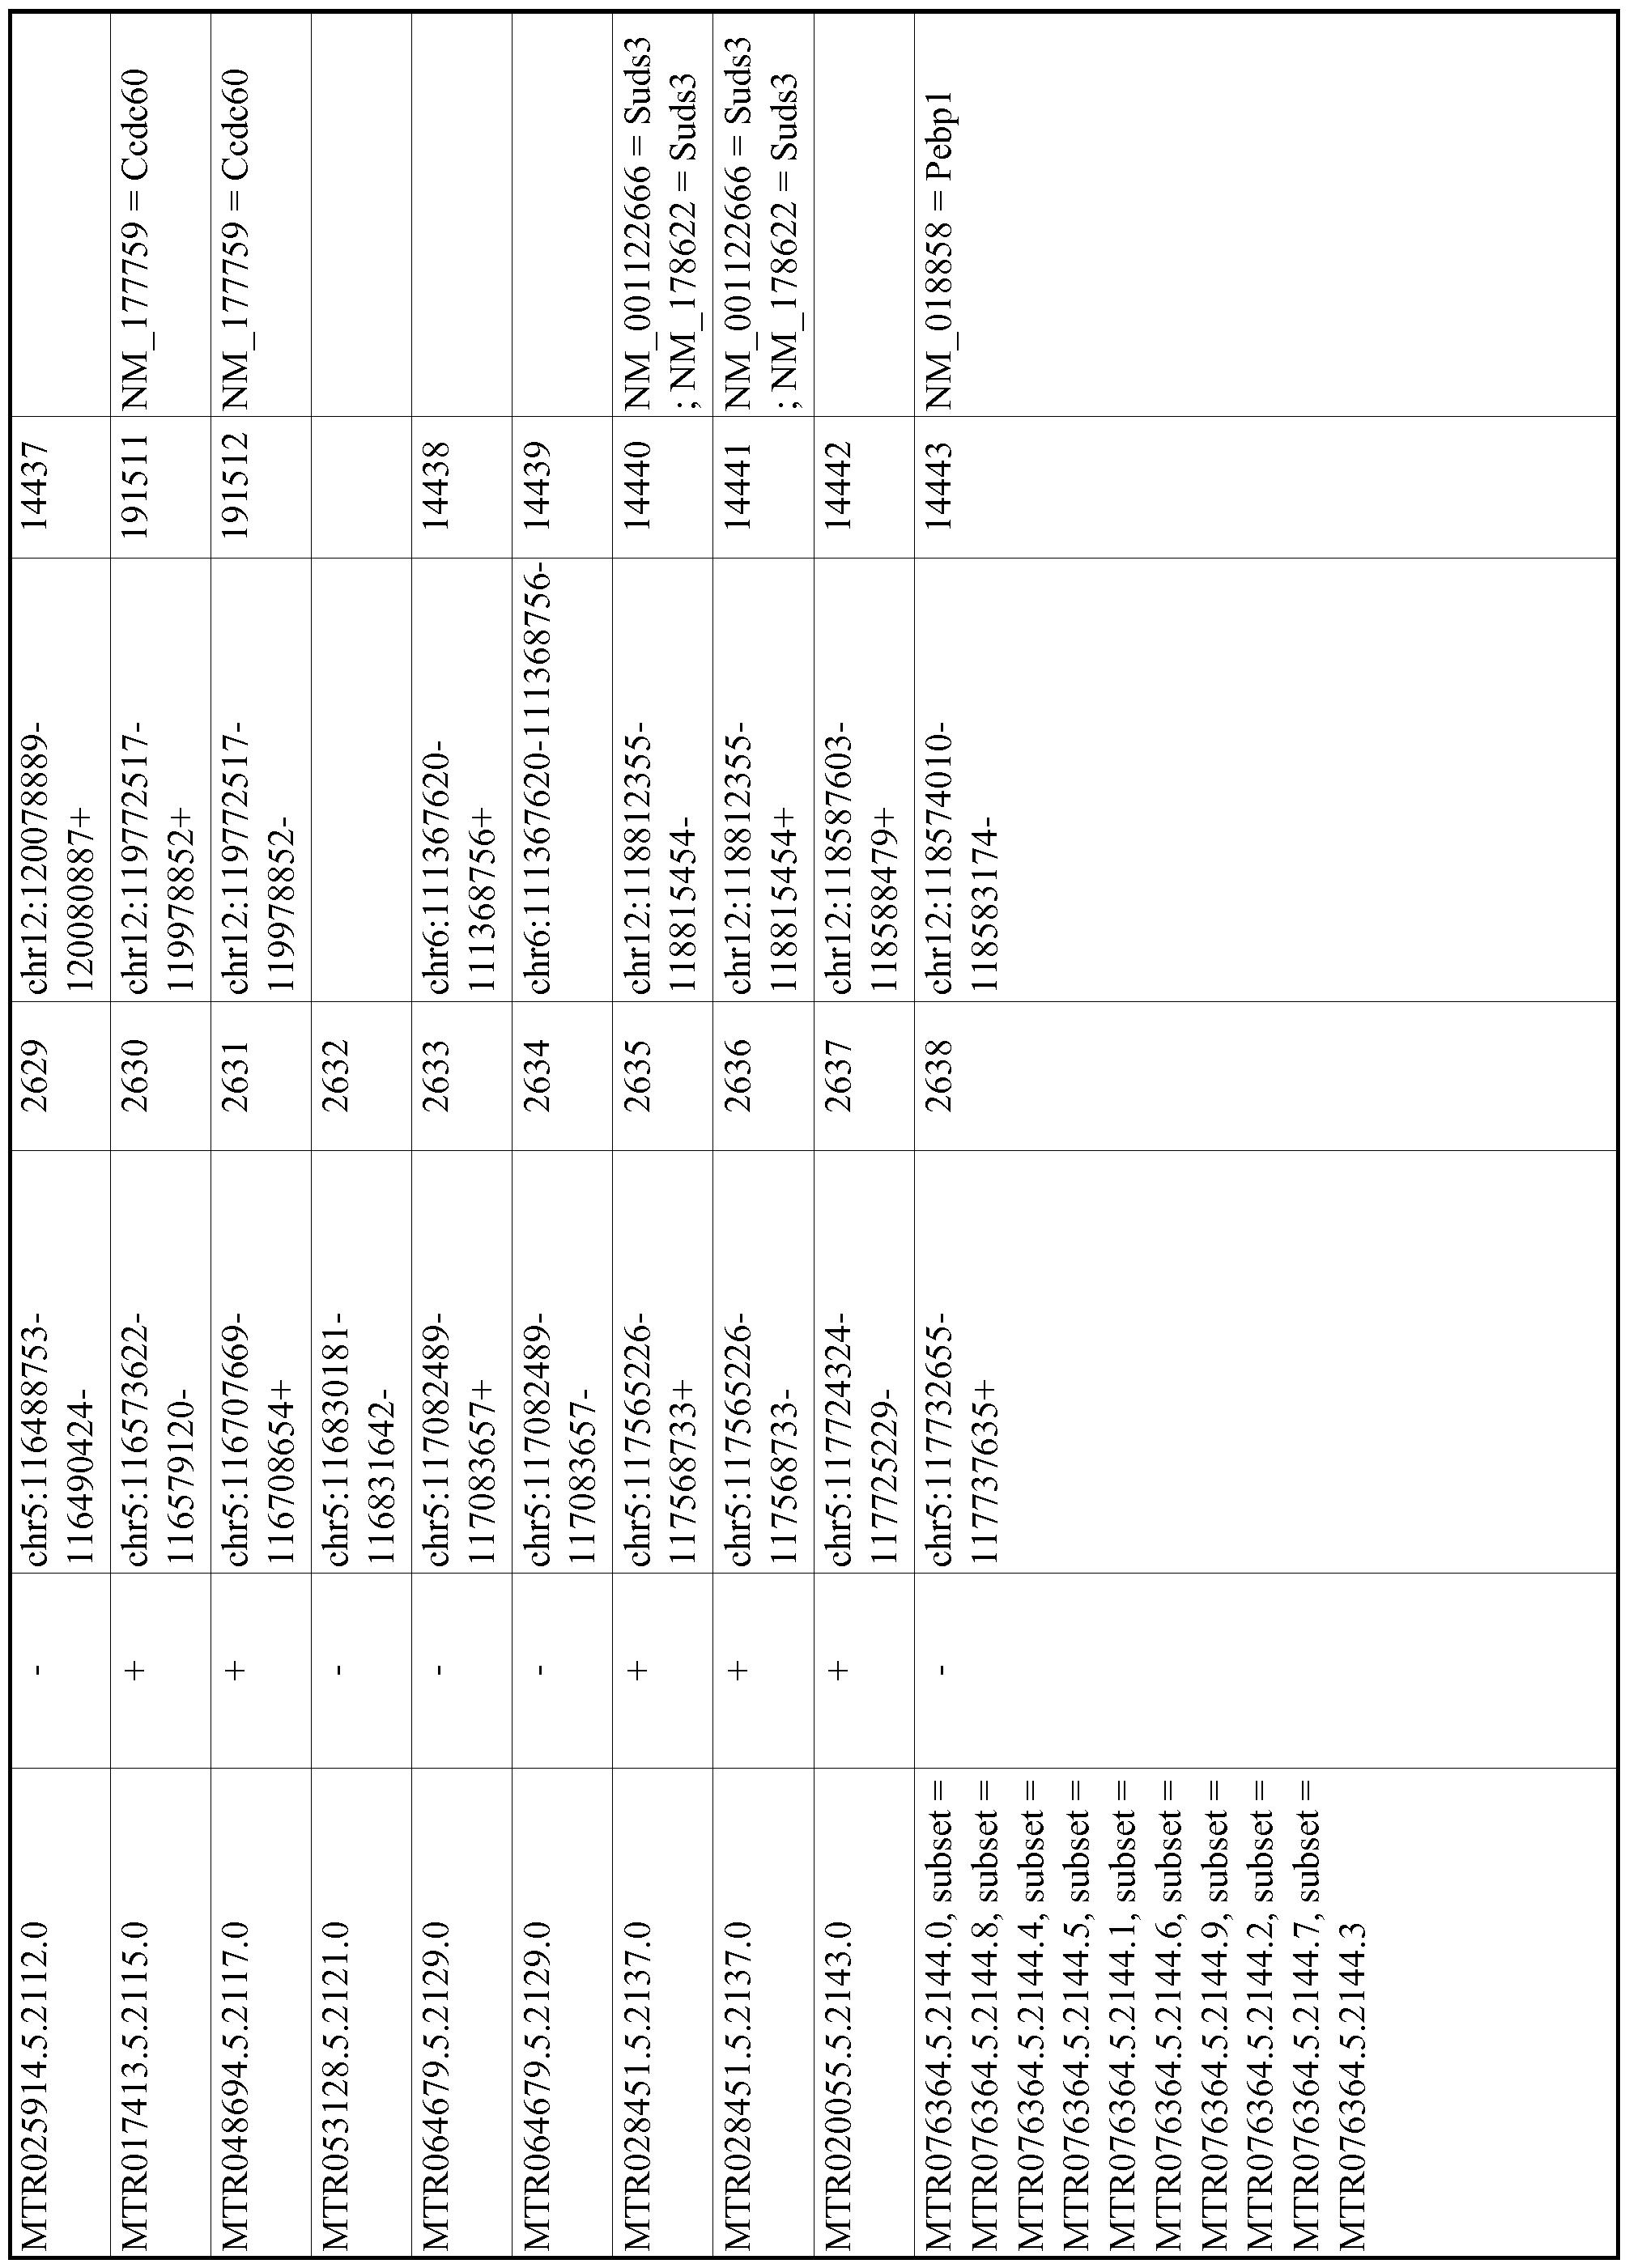 Figure imgf000551_0001